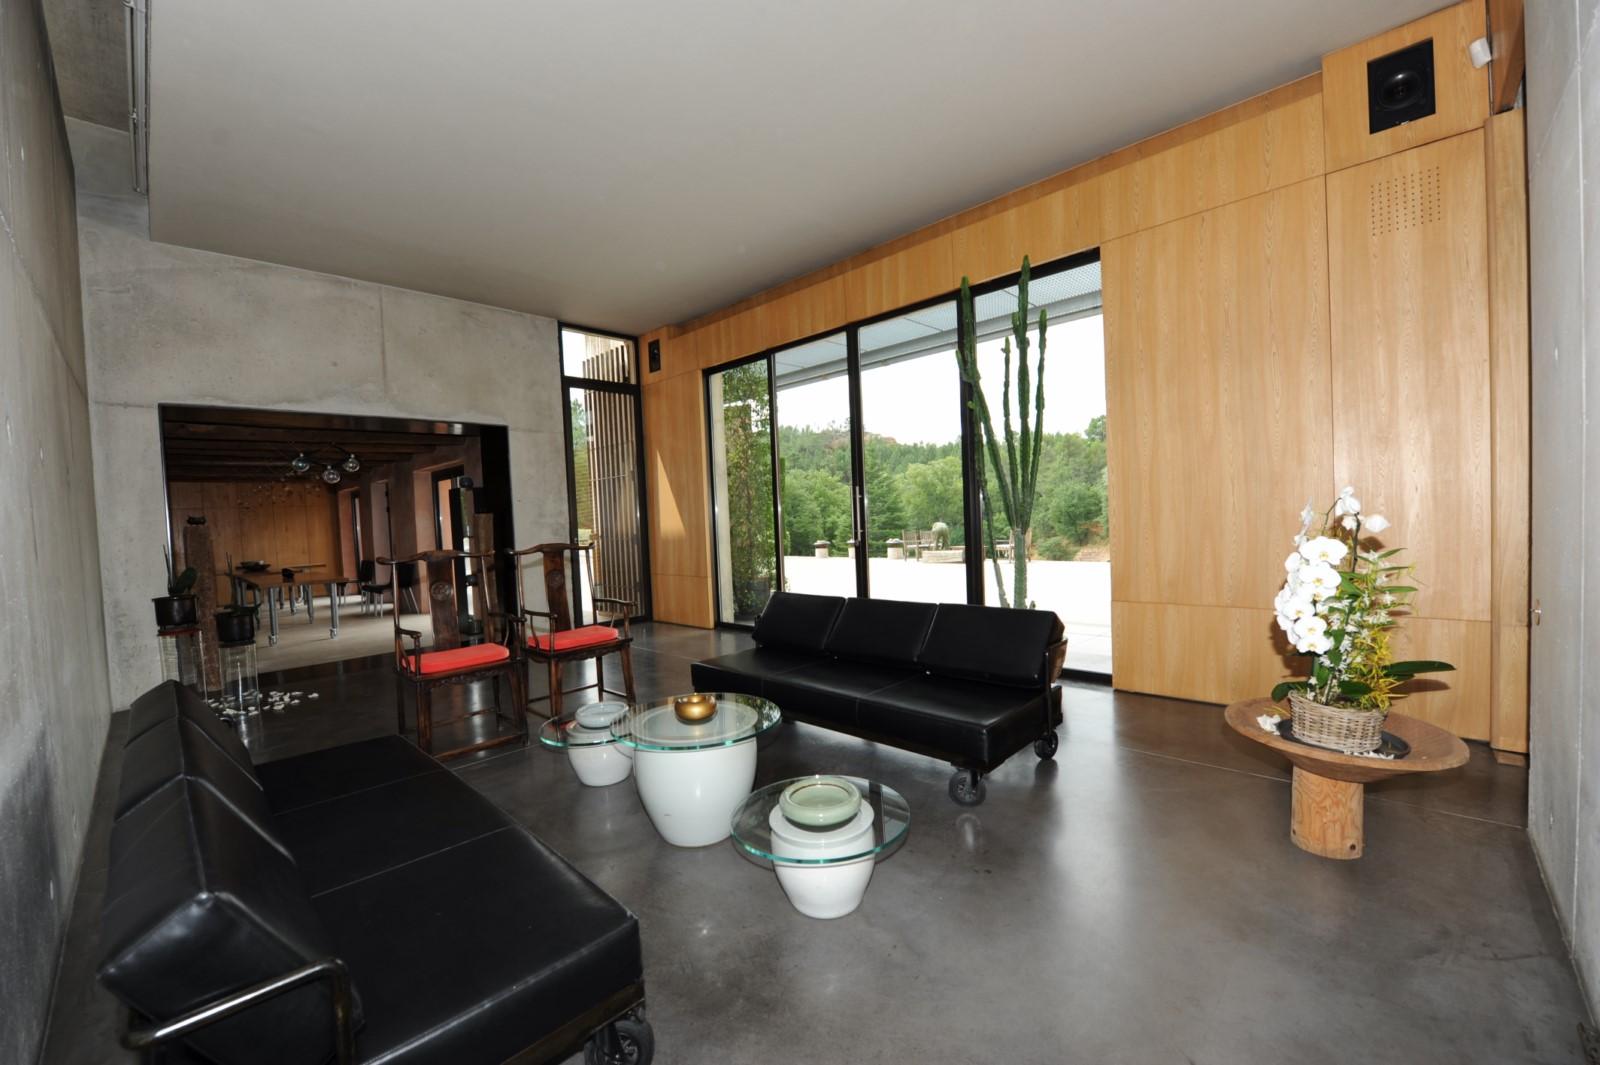 Maison très contemporaine à louer pour vos vacances en Provence